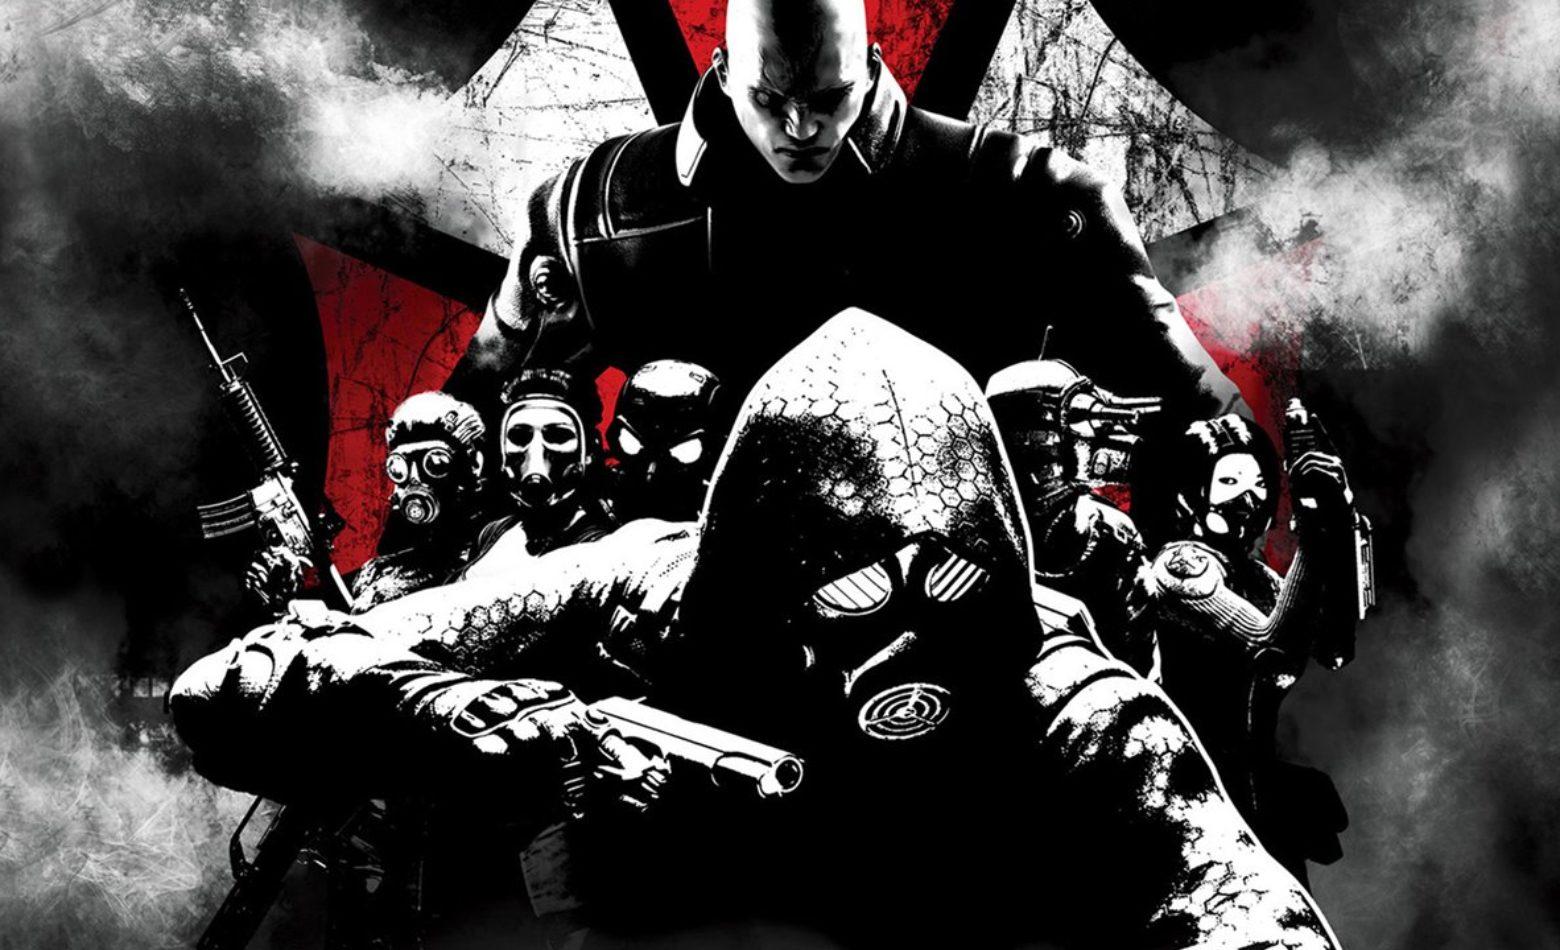 O ponto de vista contrário em Resident Evil: Operation Raccoon City [Gameplay]